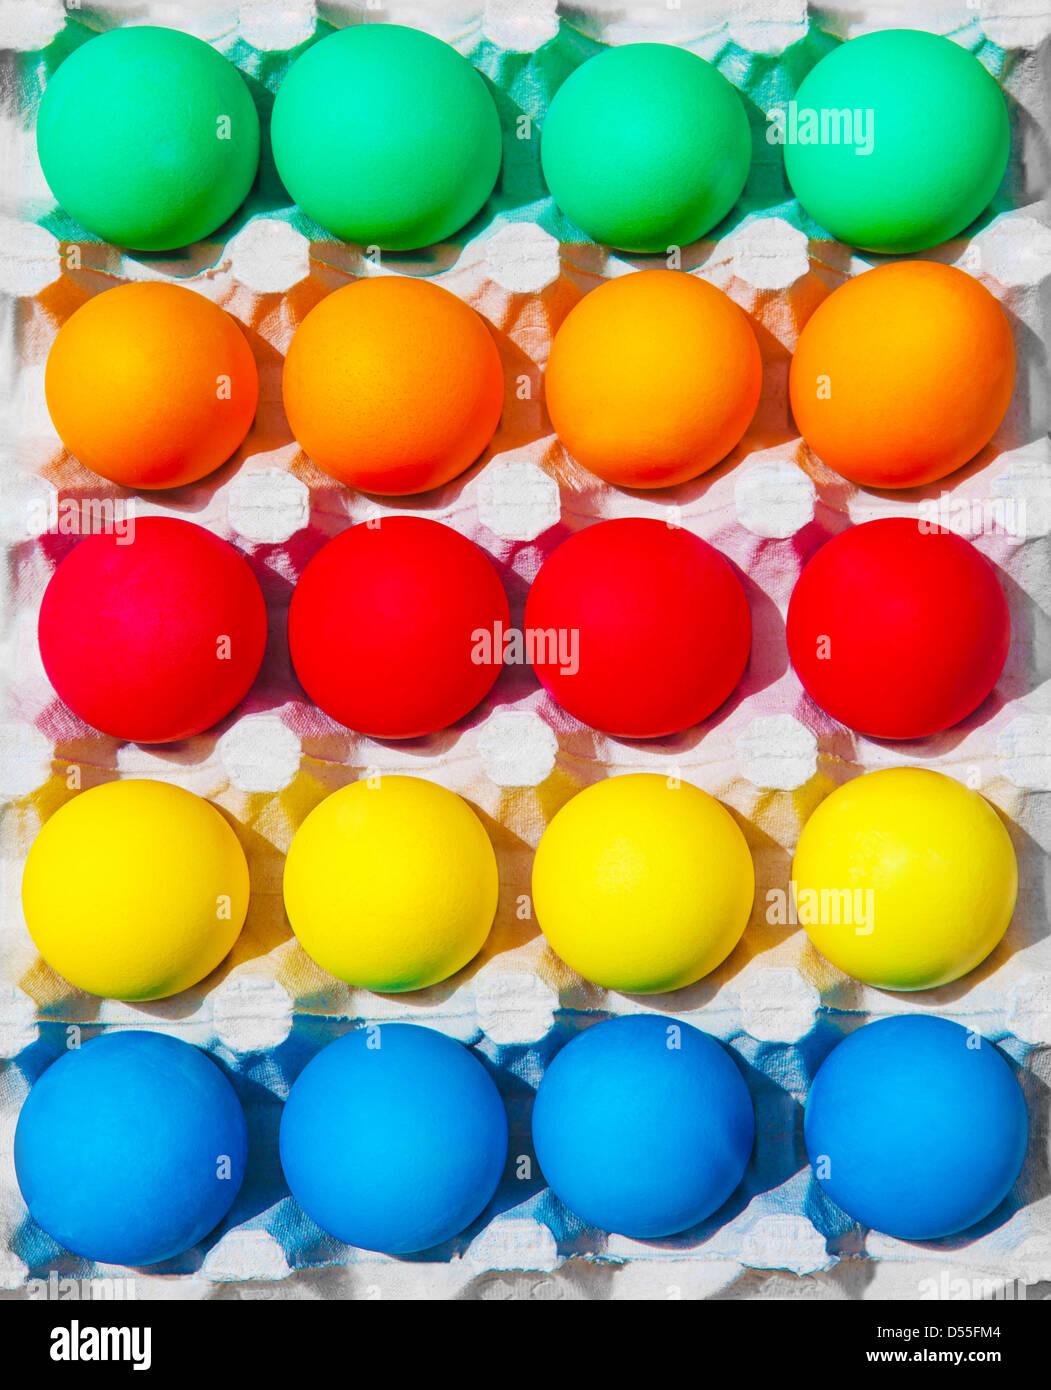 Variété d'oeufs de Pâques colorés à la case, festif fond abstrait, une cuisine traditionnelle Photo Stock